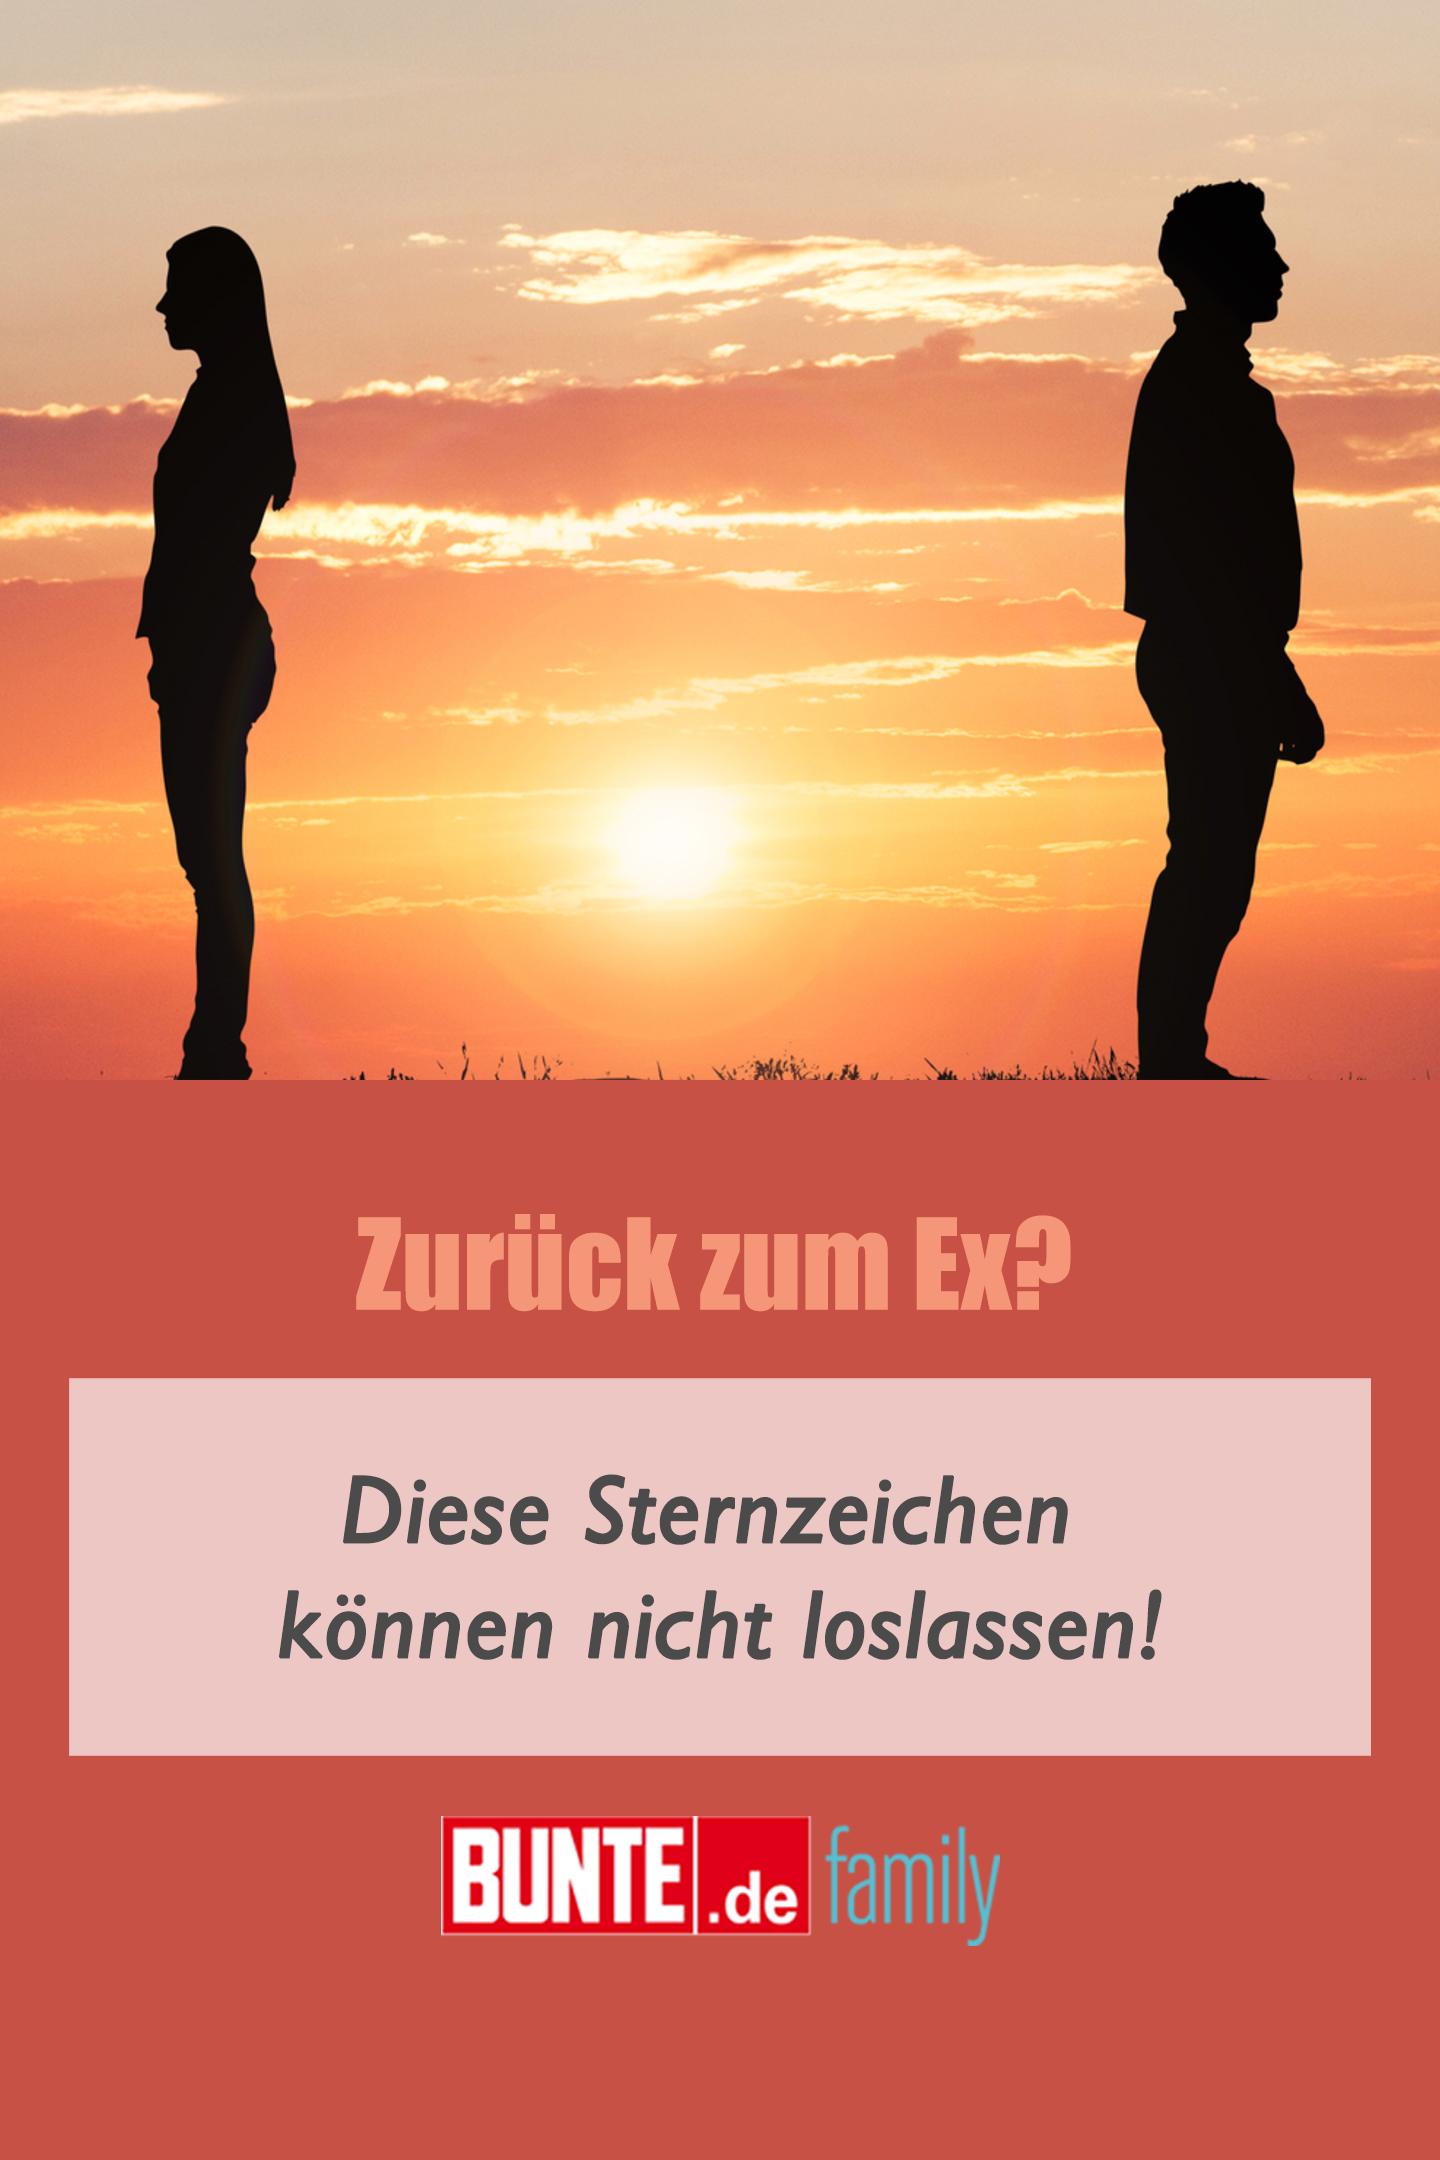 Alte Liebe: Zurück zum Ex? Diese Sternzeichen können nicht